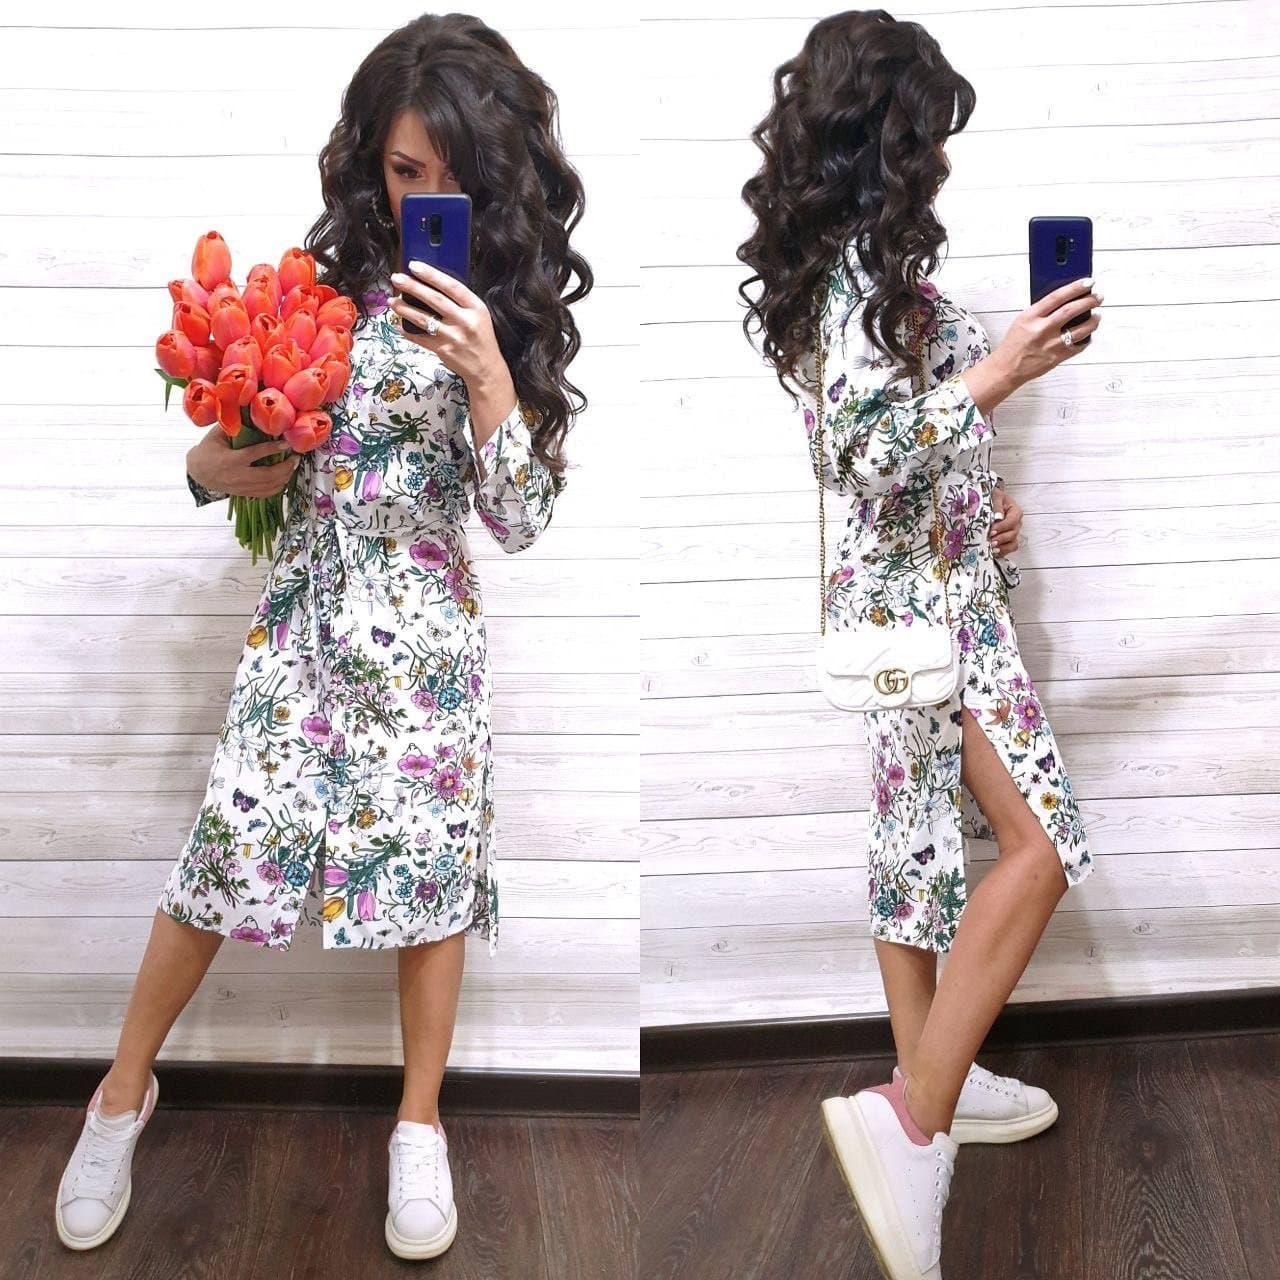 Летнее принтованное платье рубашка в растительный принт с поясом длиной миди (р. S-XL) 9032714